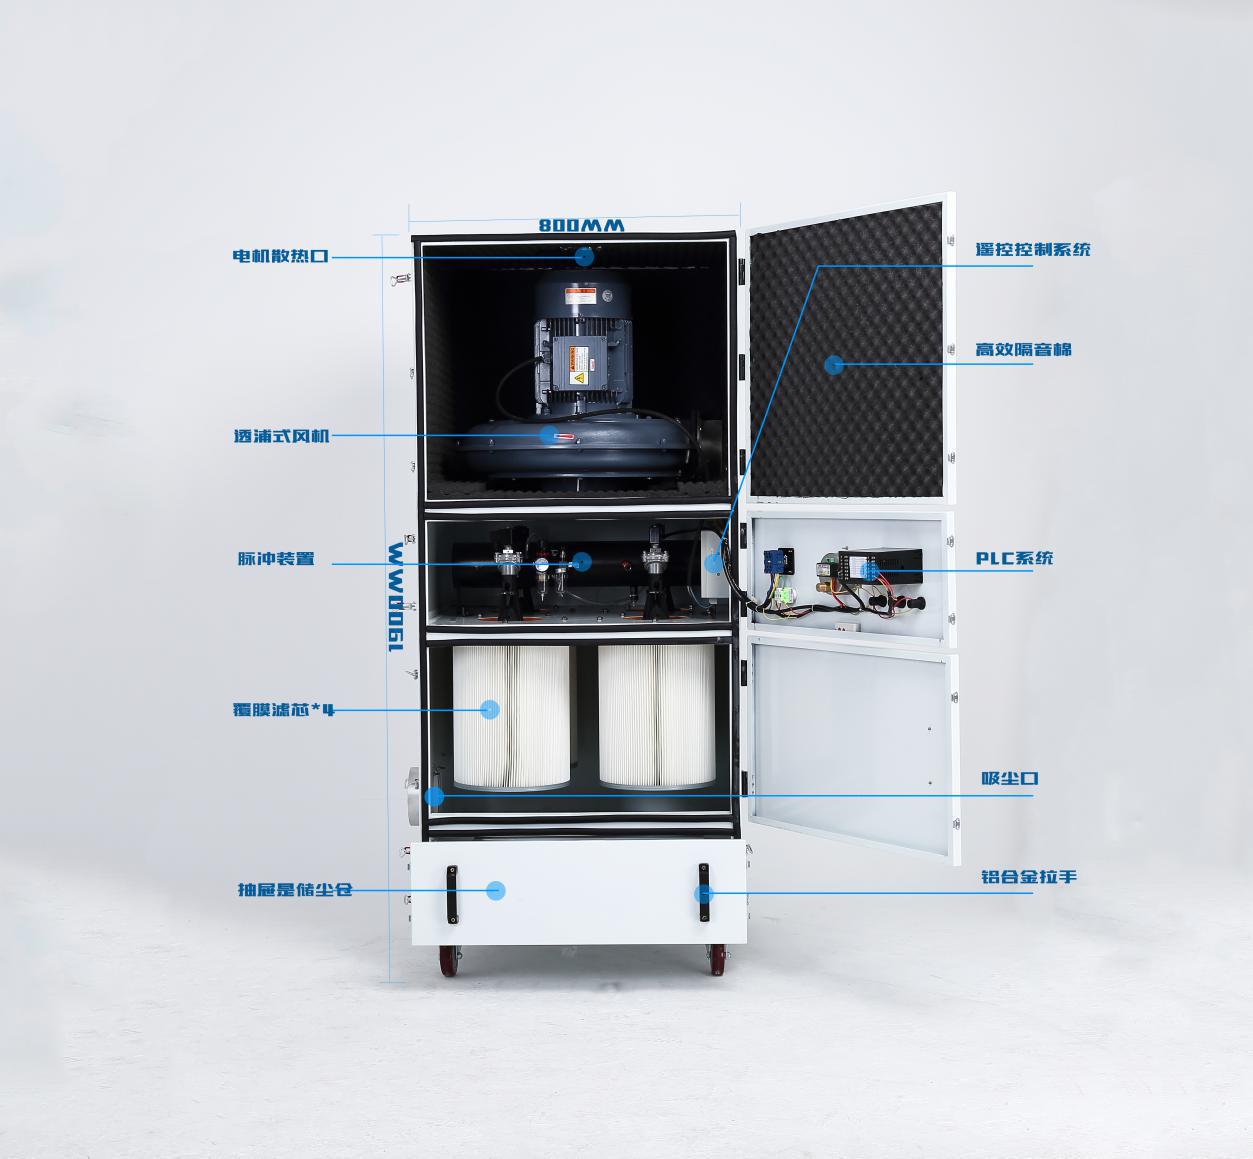 玻璃纤维复合材料滤筒集尘器 碳纤维粉尘收集脉冲滤筒集尘器    集尘器厂家 可非标定制示例图5